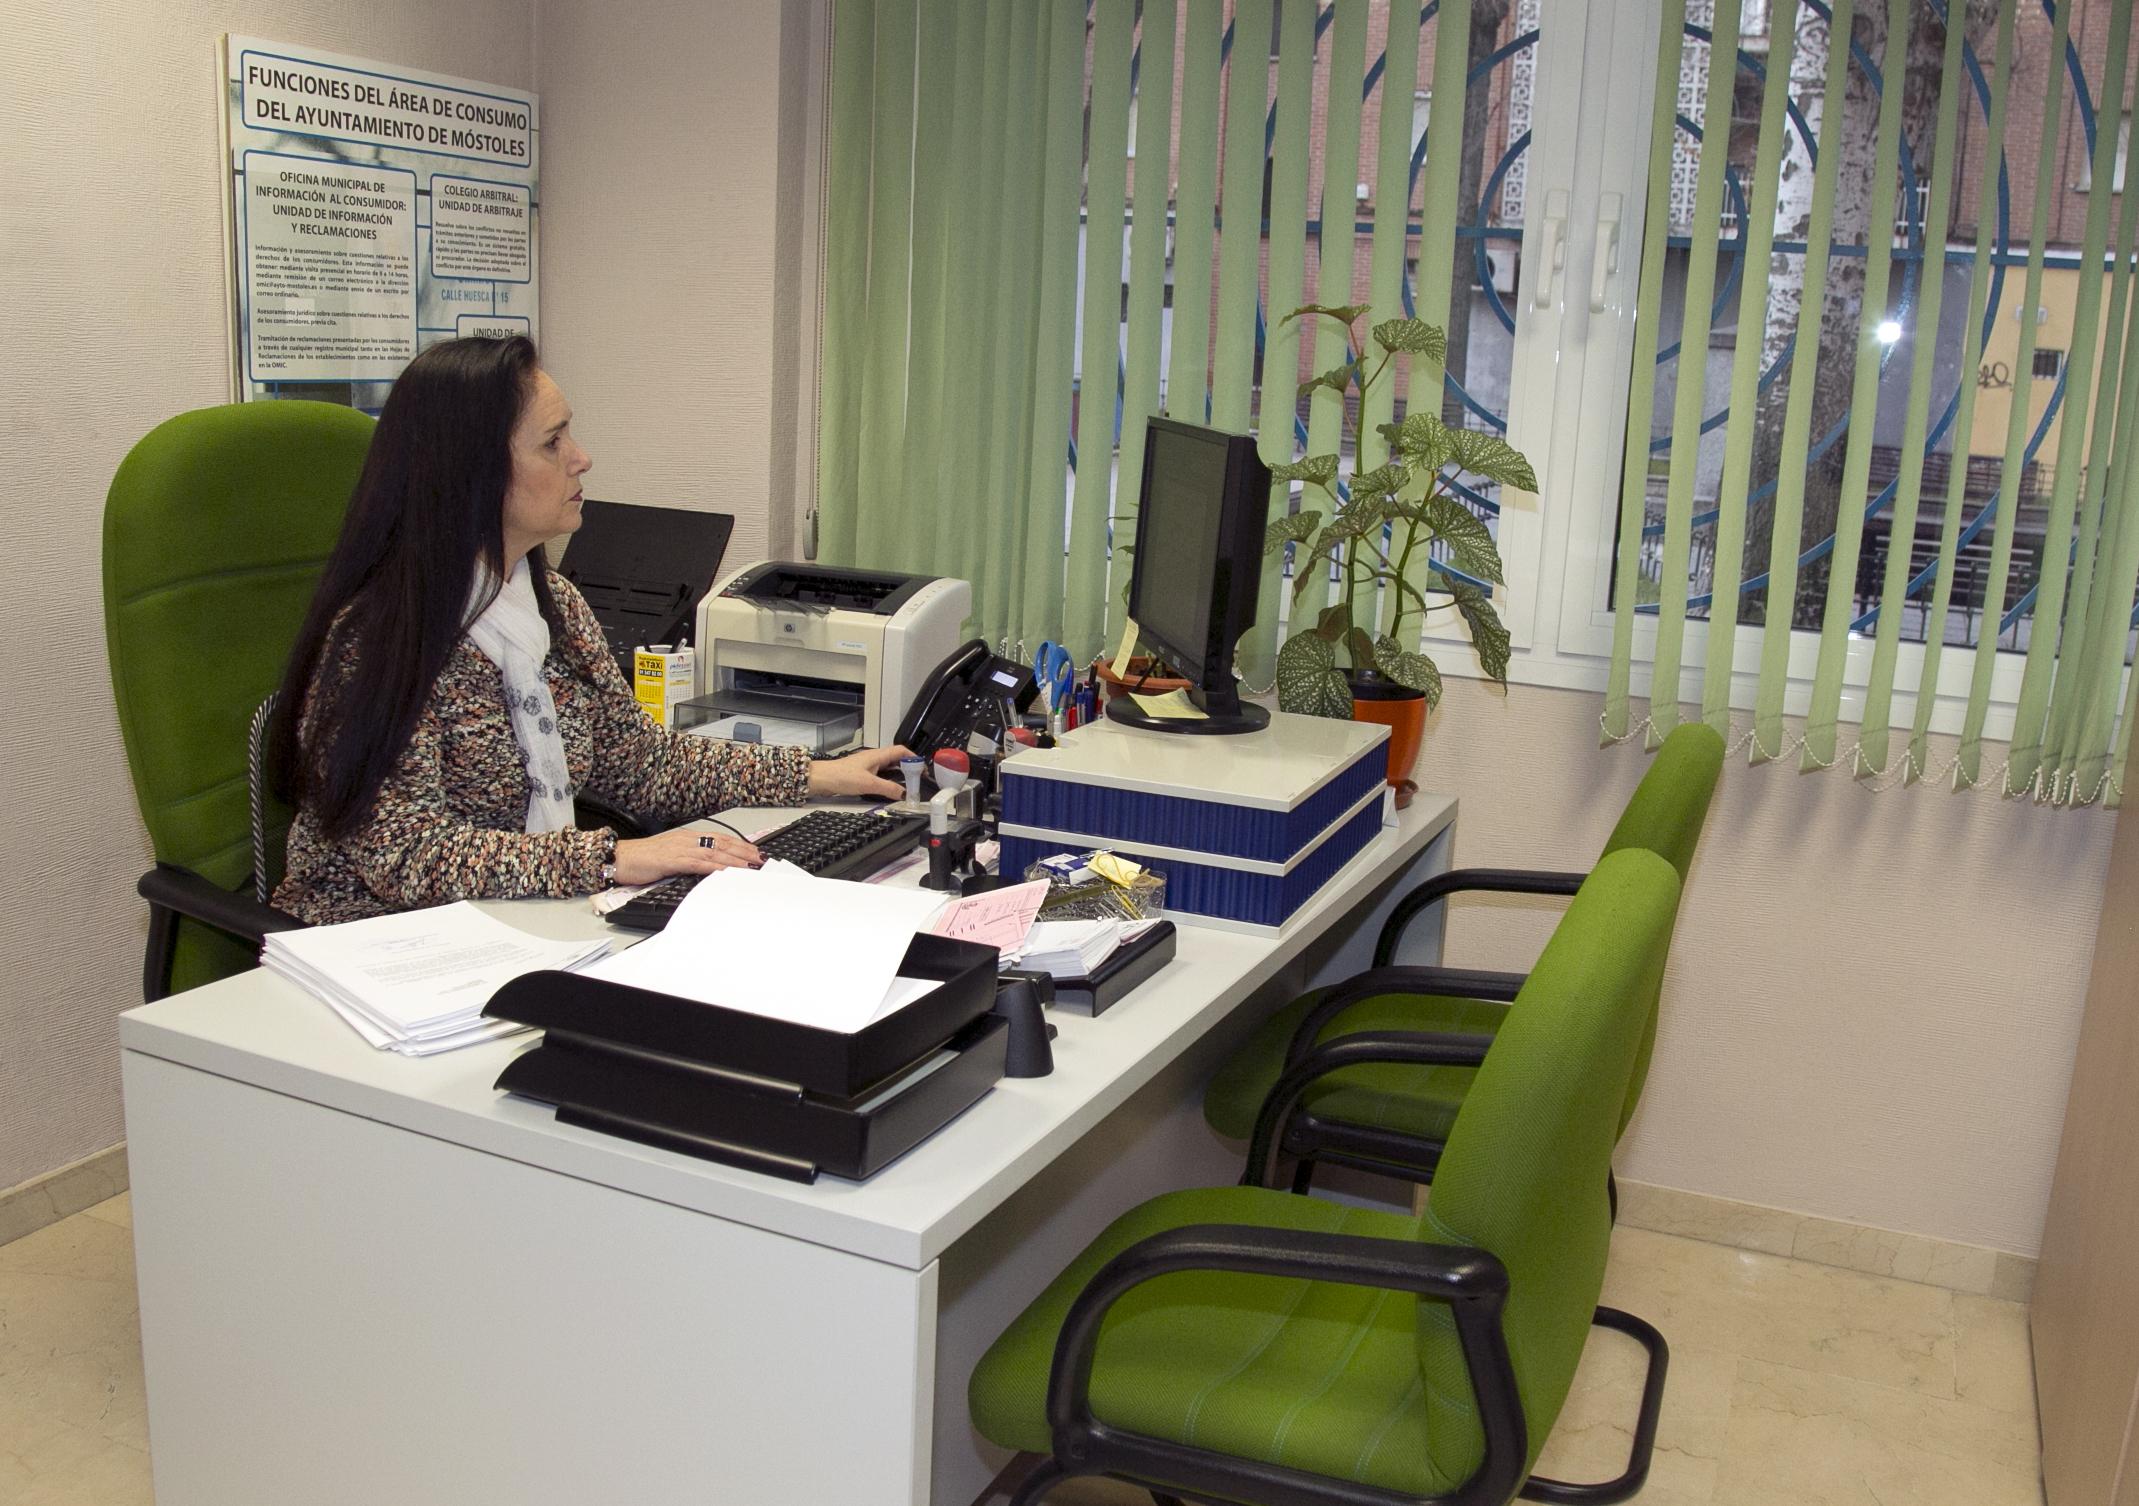 El ayuntamiento de m stoles asesora a las personas for Hipotecas afectadas por el suelo